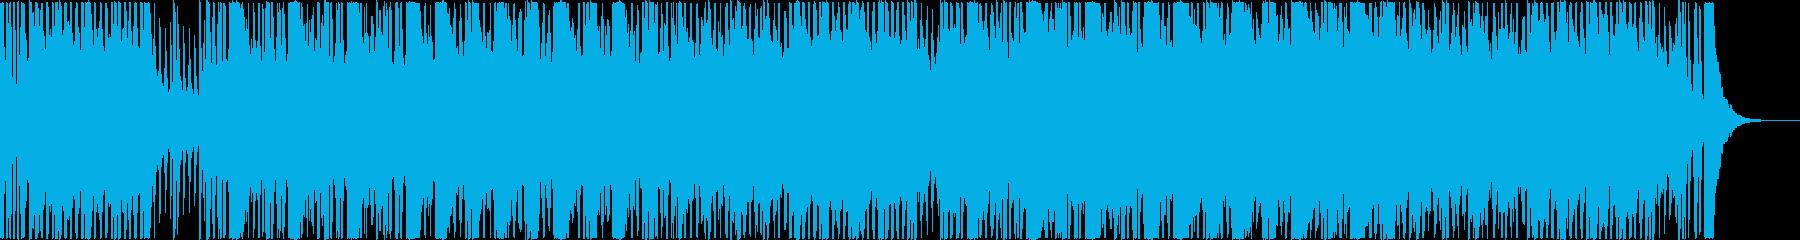 スパイアクションのテーマ曲風の再生済みの波形